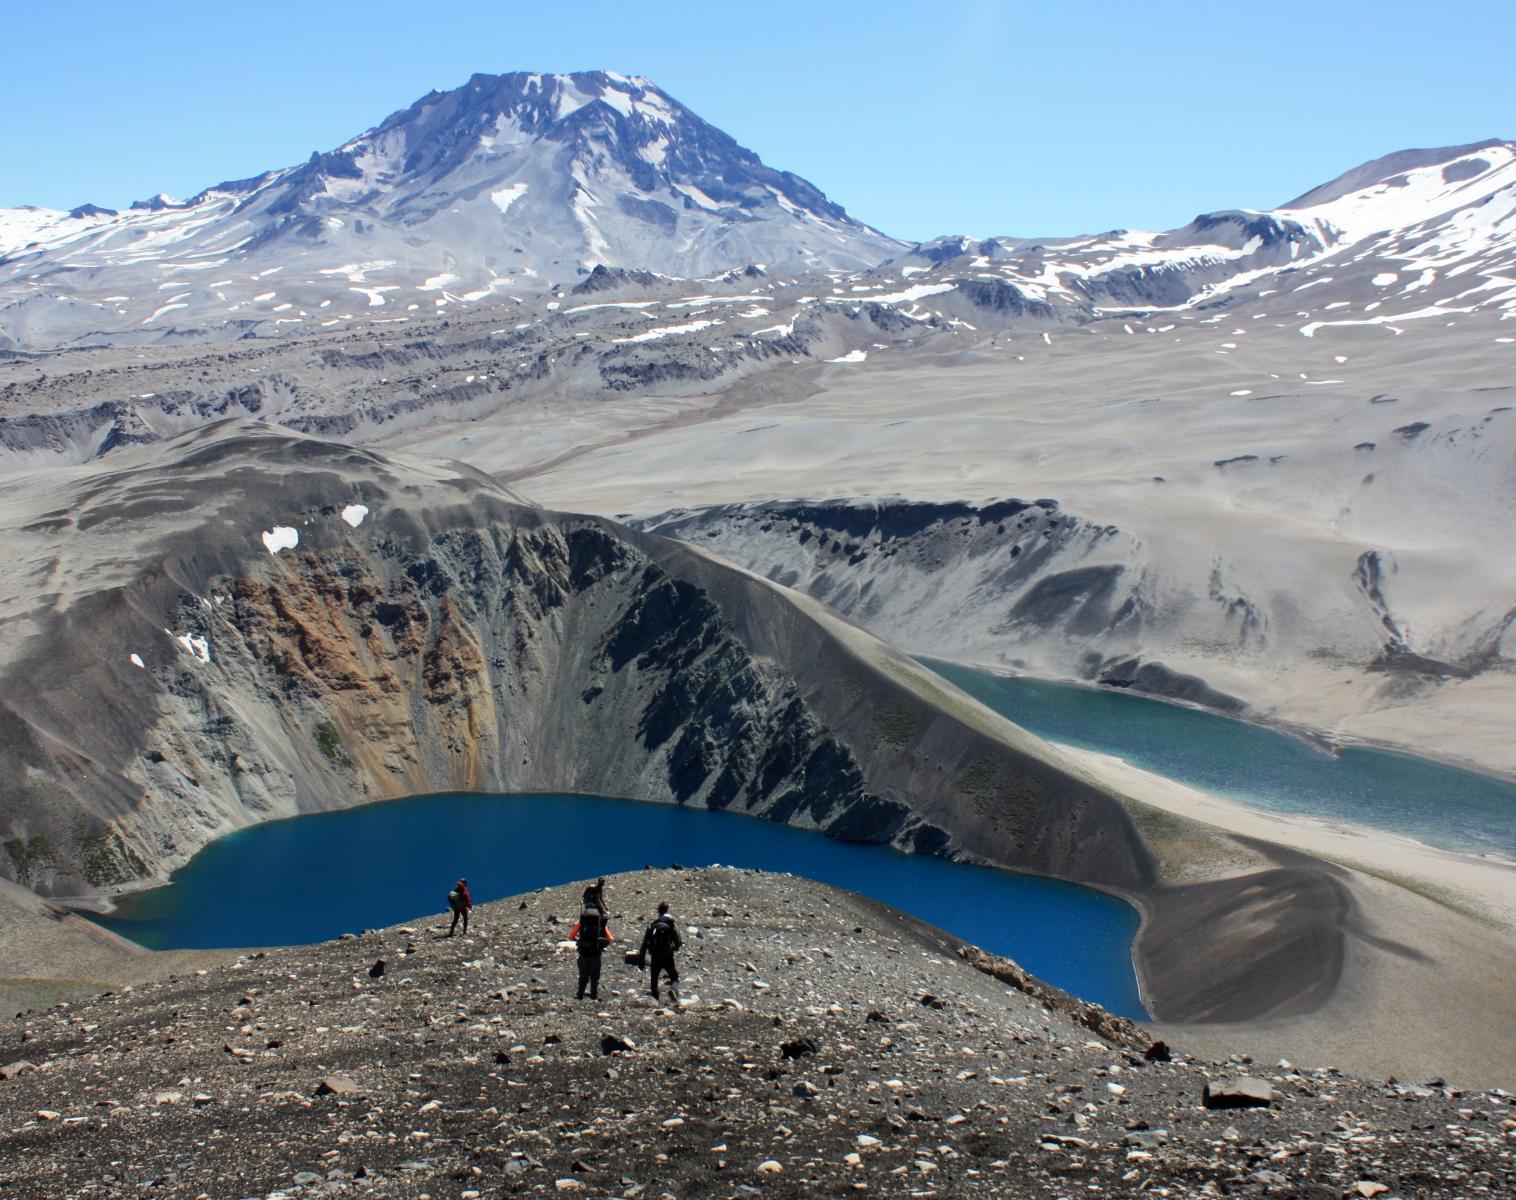 Chili  L'Odyssée Andine Etape 6 : Chili, le Trek du condor   Découverte Trek & Randonnée Observation nature Rencontres et cultures du Monde